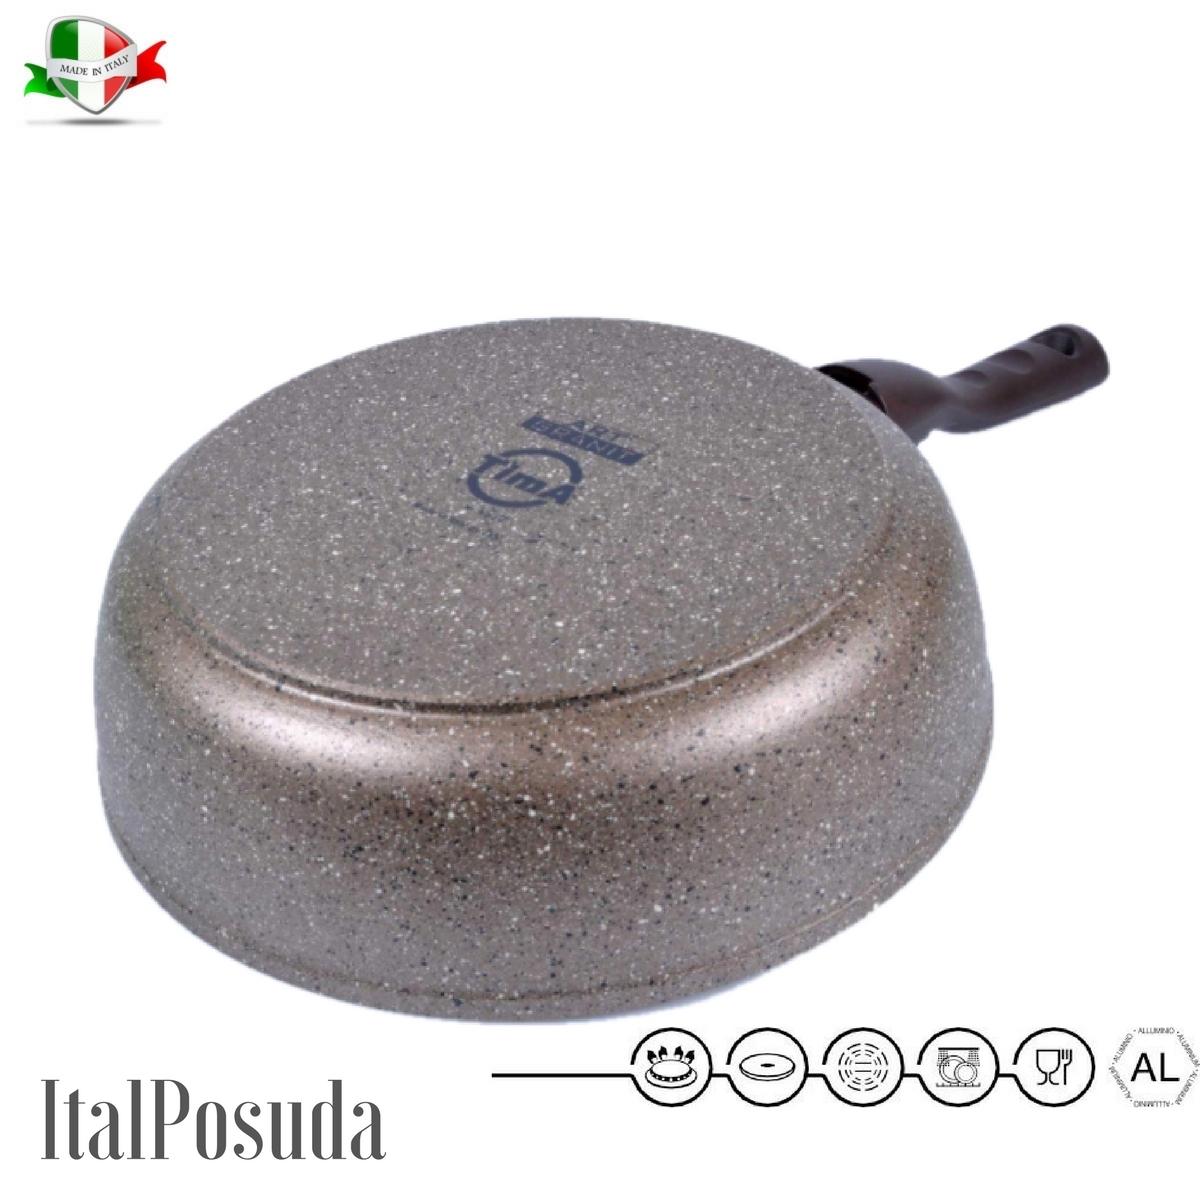 Сотейник со съёмной ручкой TIMA Art Granit индукционный, 24 см www.Ital-Posuda.ru